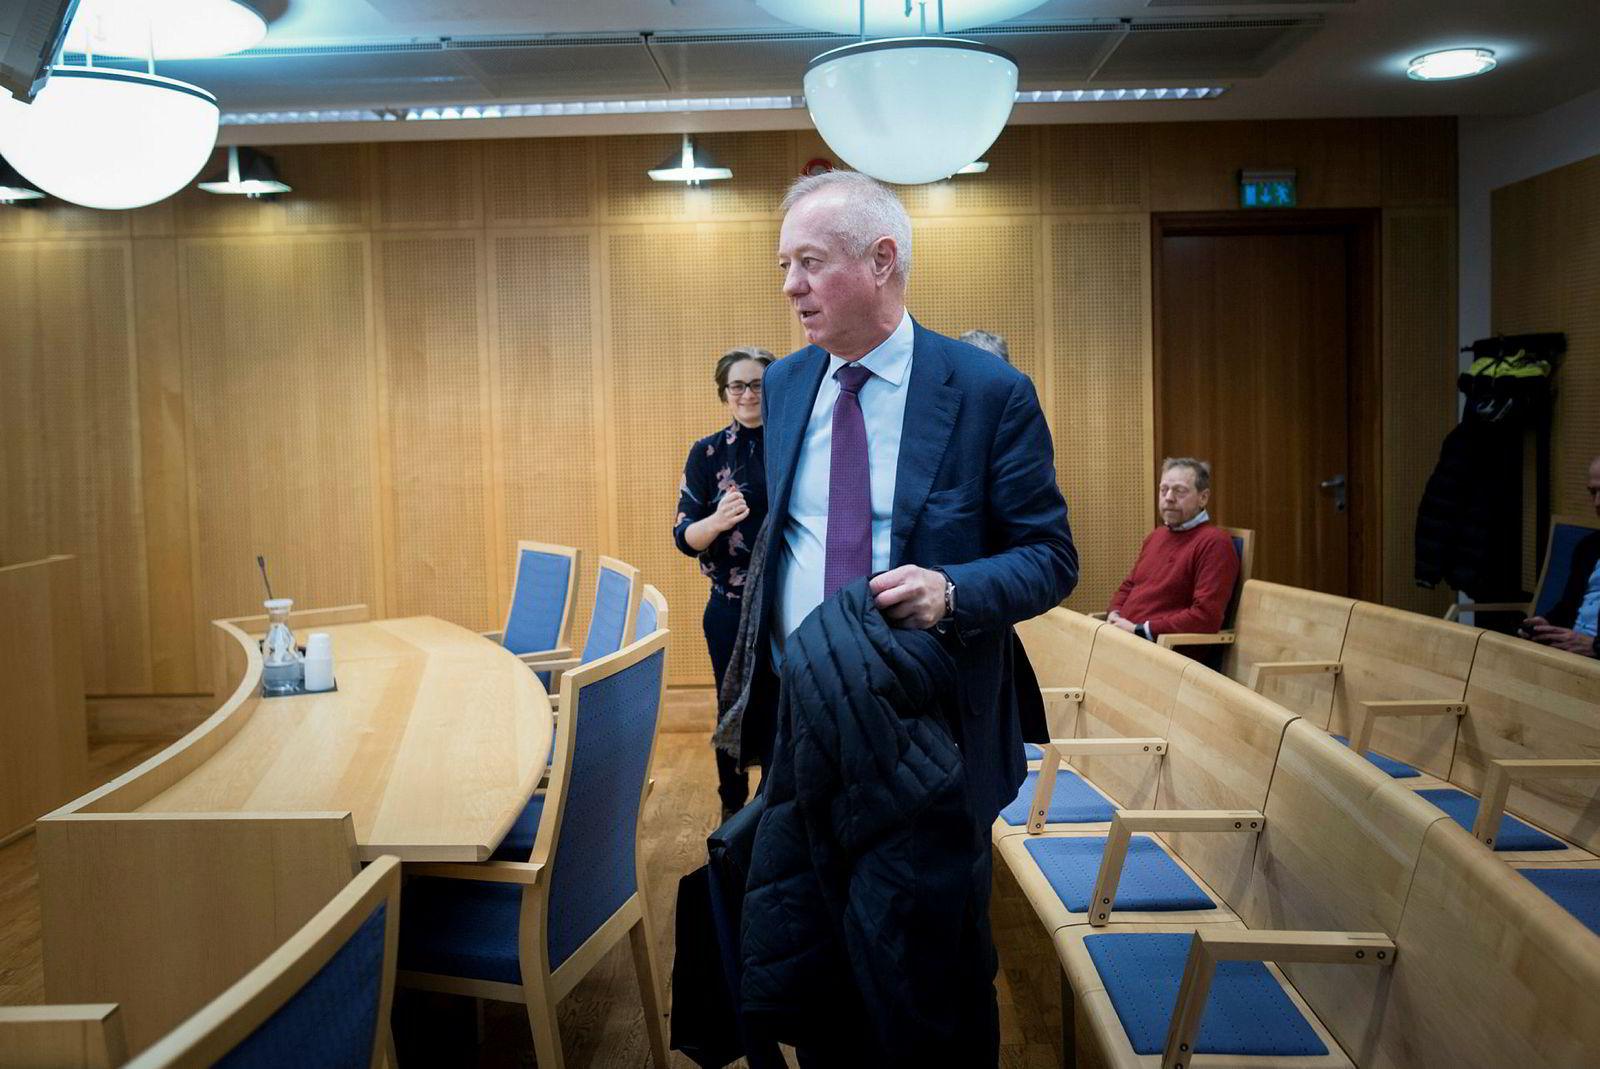 Bostyrer Tom Hugo Ottesen i advokatfirmaet Kvale gjennomfører tirsdag morgen første skiftesamling i konkursboet Norske Skogindustrier asa.